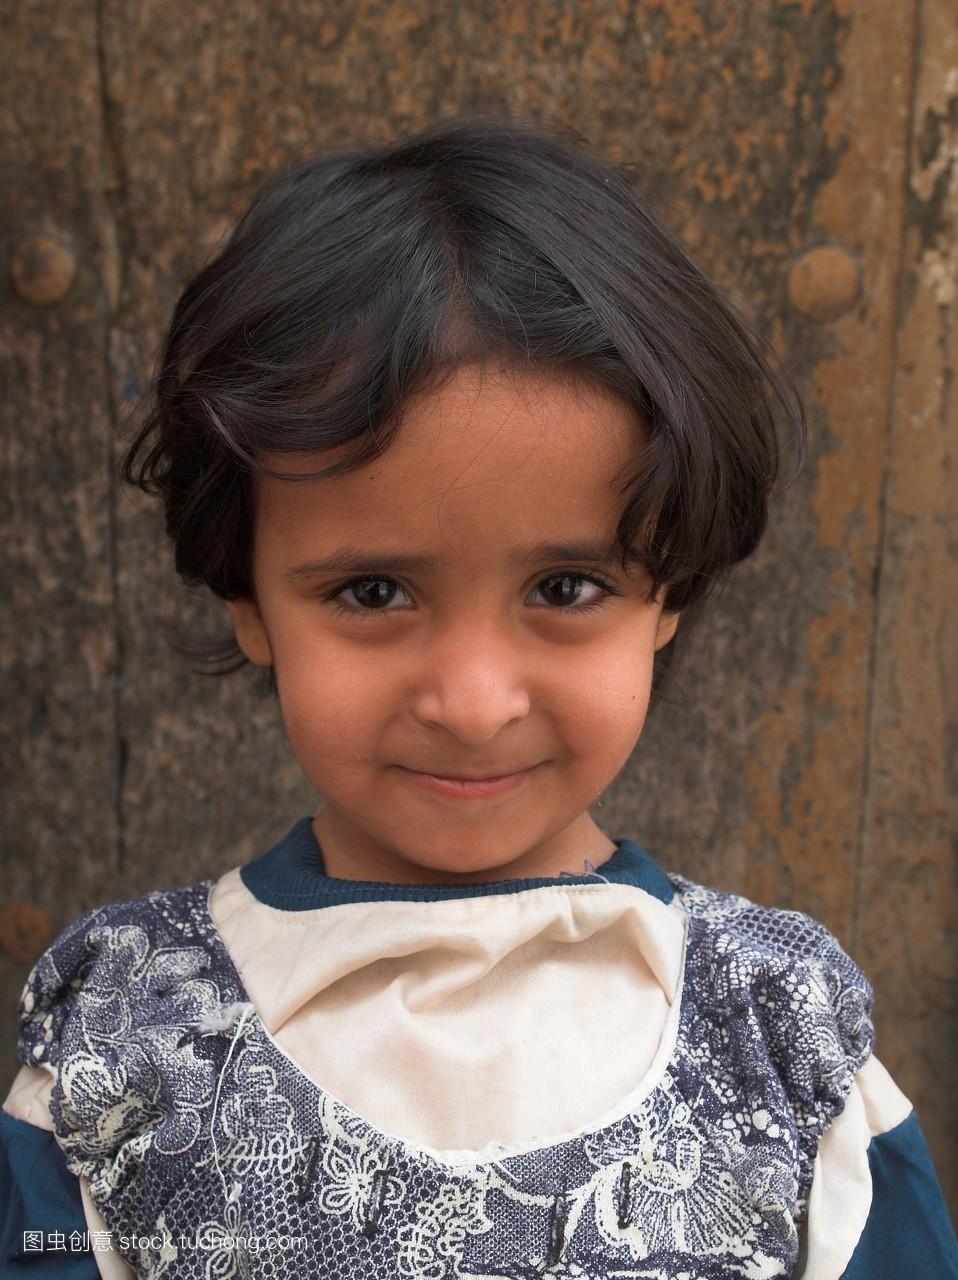 女人,正视图,短发,人,一个人,看镜头,儿童,也门,中东,一个,面部表情图片